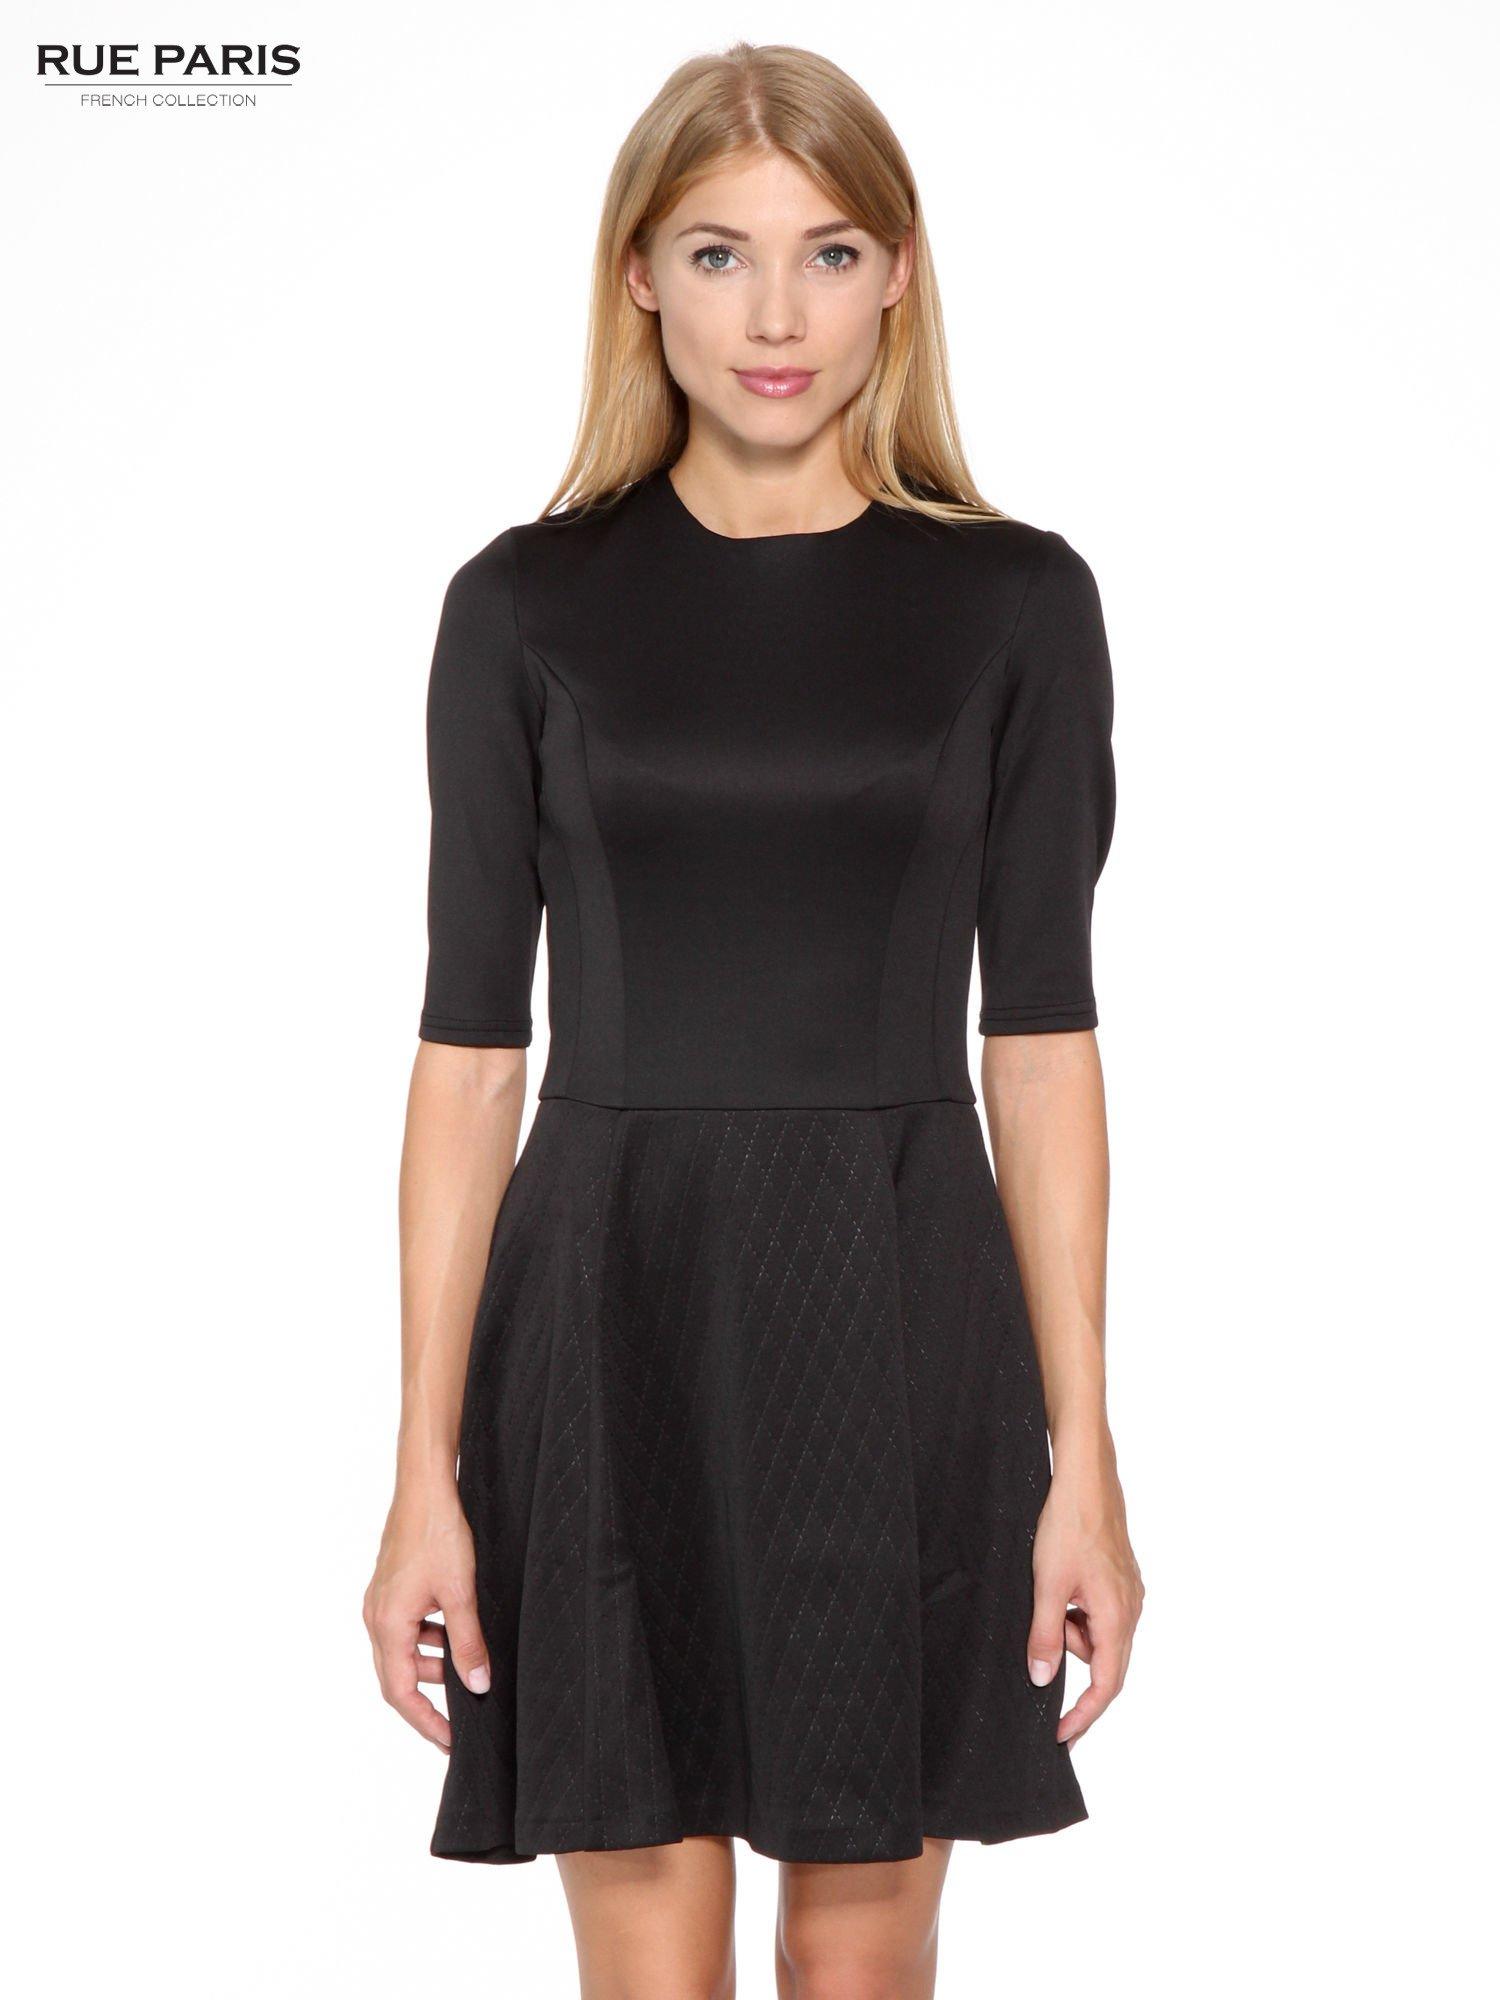 Czarna klasyczna sukienka z rozkloszowanym dołem w pikowany wzór                                  zdj.                                  1